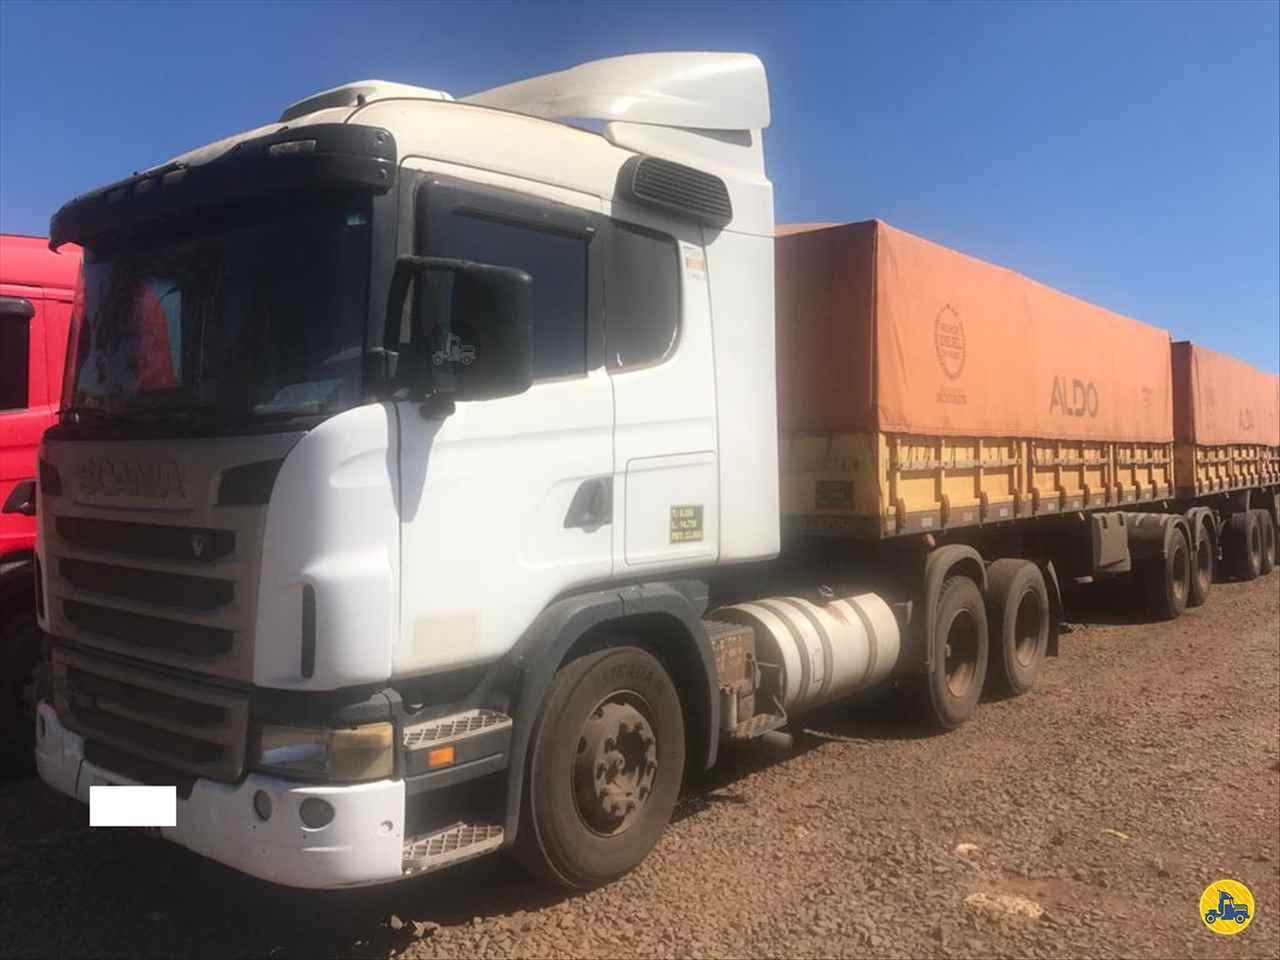 SCANIA 380 de RB Caminhões & Financiamentos - ARAGUARI/MG